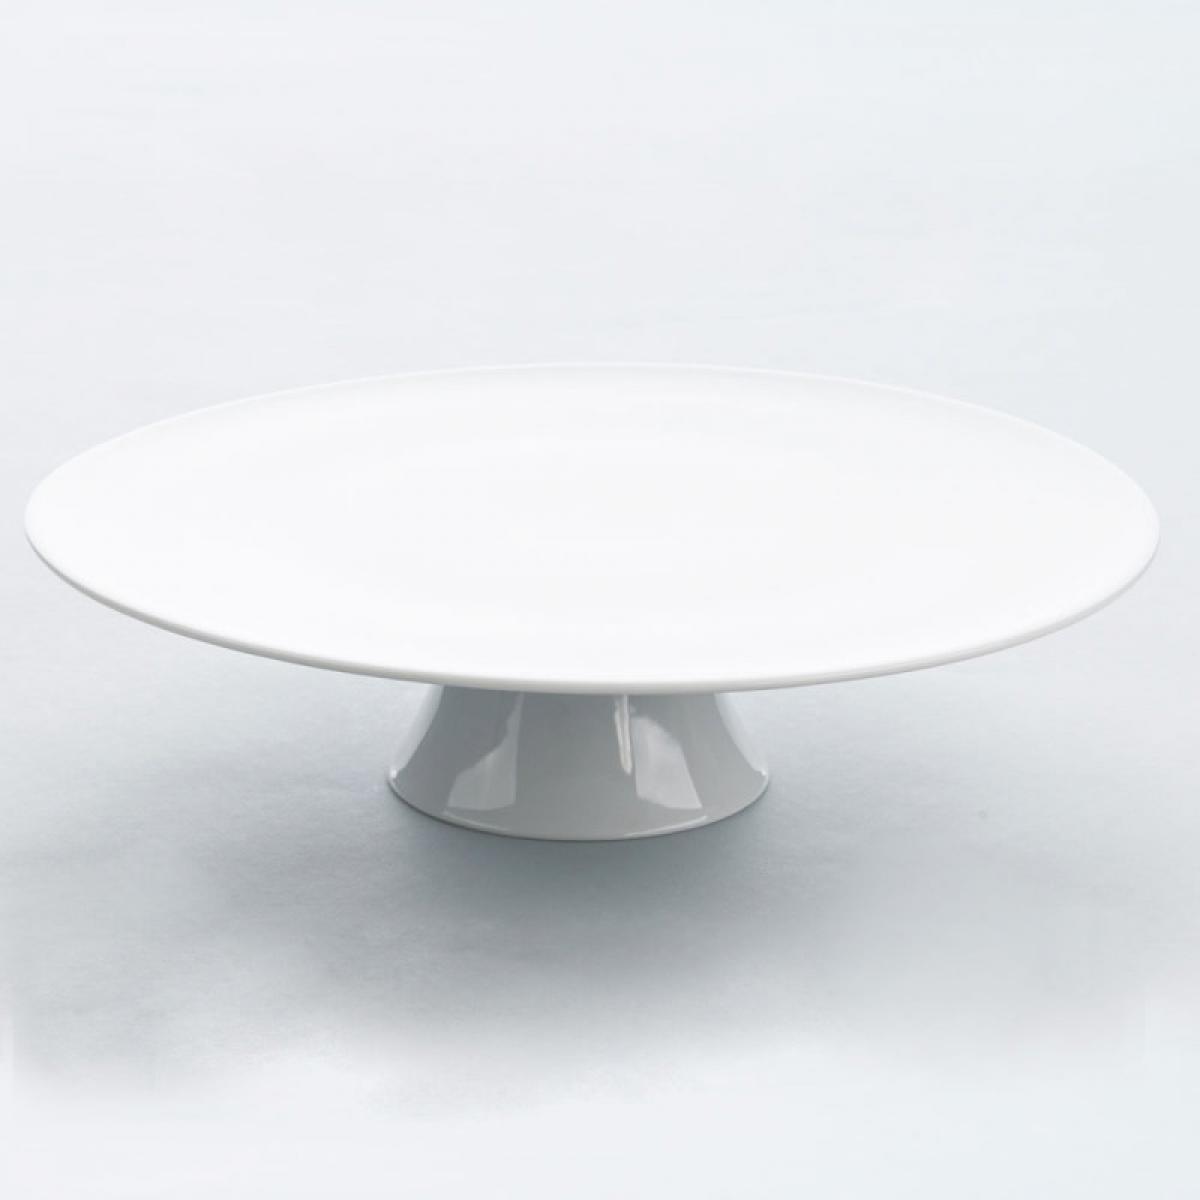 Materiel Chr Pro Présentoir à Gâteau Porcelaine Apulia Ø 32 mm - Stalgast - 32 cm Porcelaine